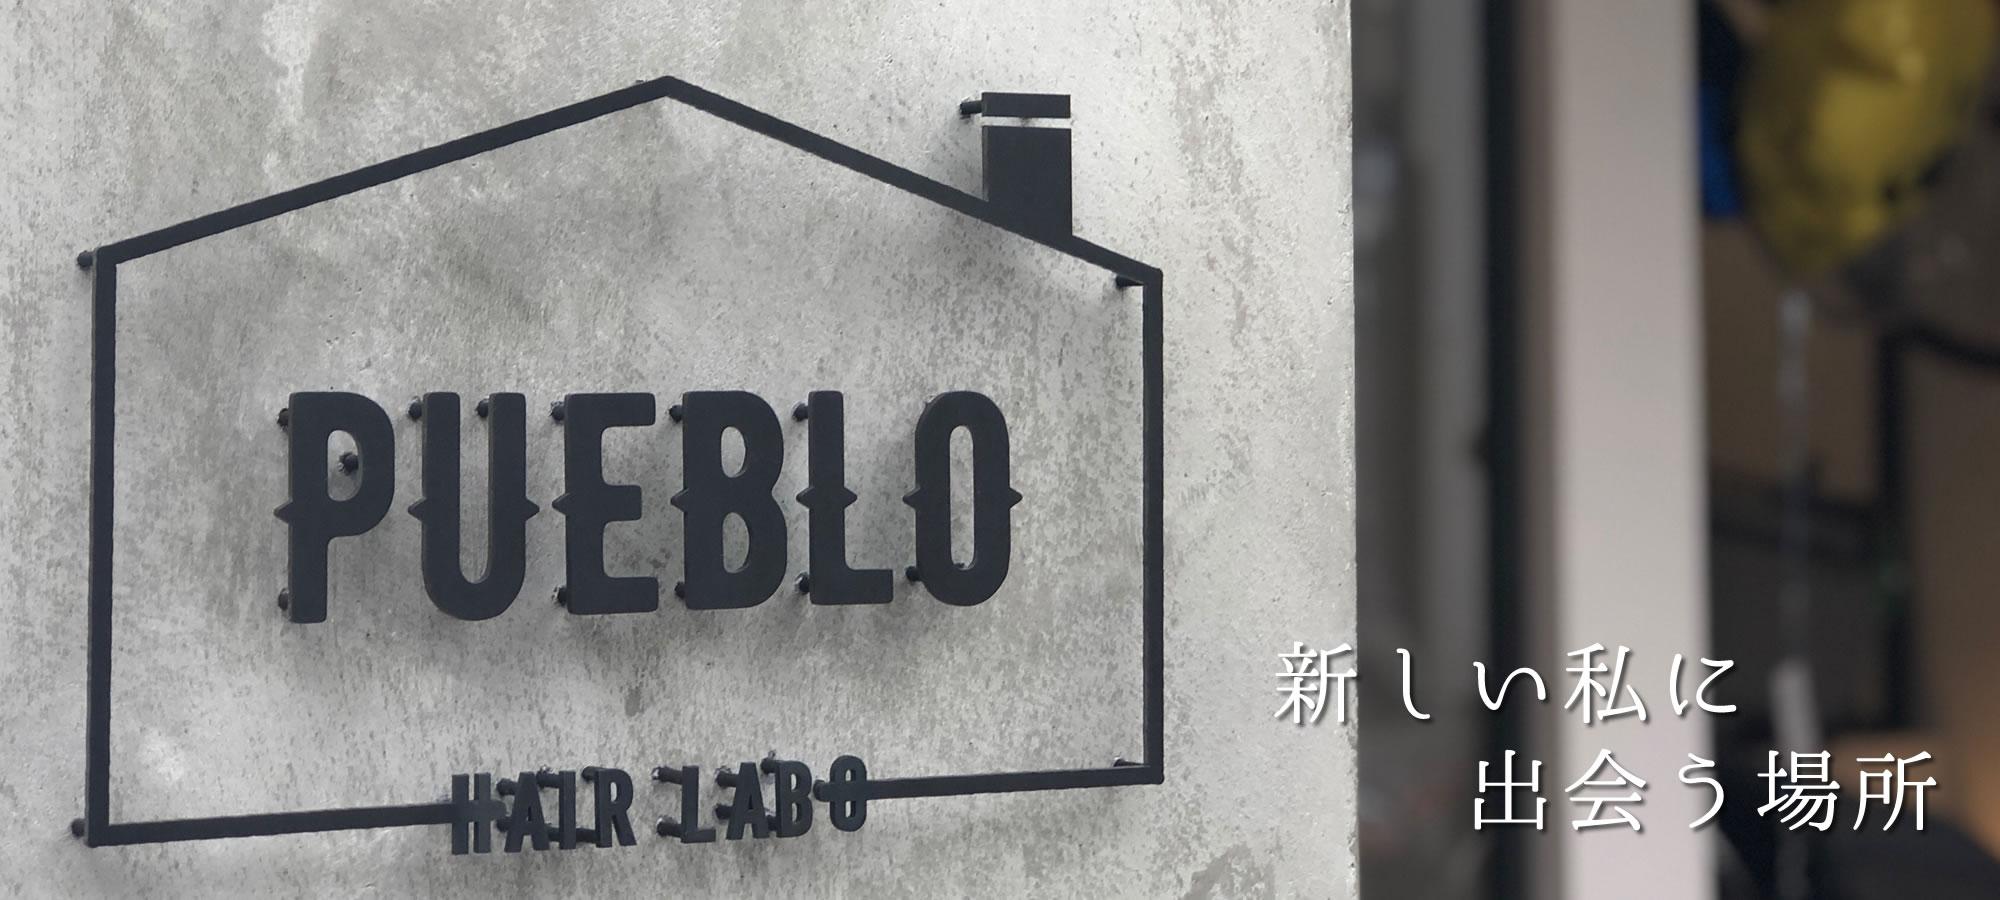 堺市北区JR堺市駅徒歩3分の美容室「PUEBLO HAIR LABO」 | ヘアカラー・縮毛矯正はおまかせください。